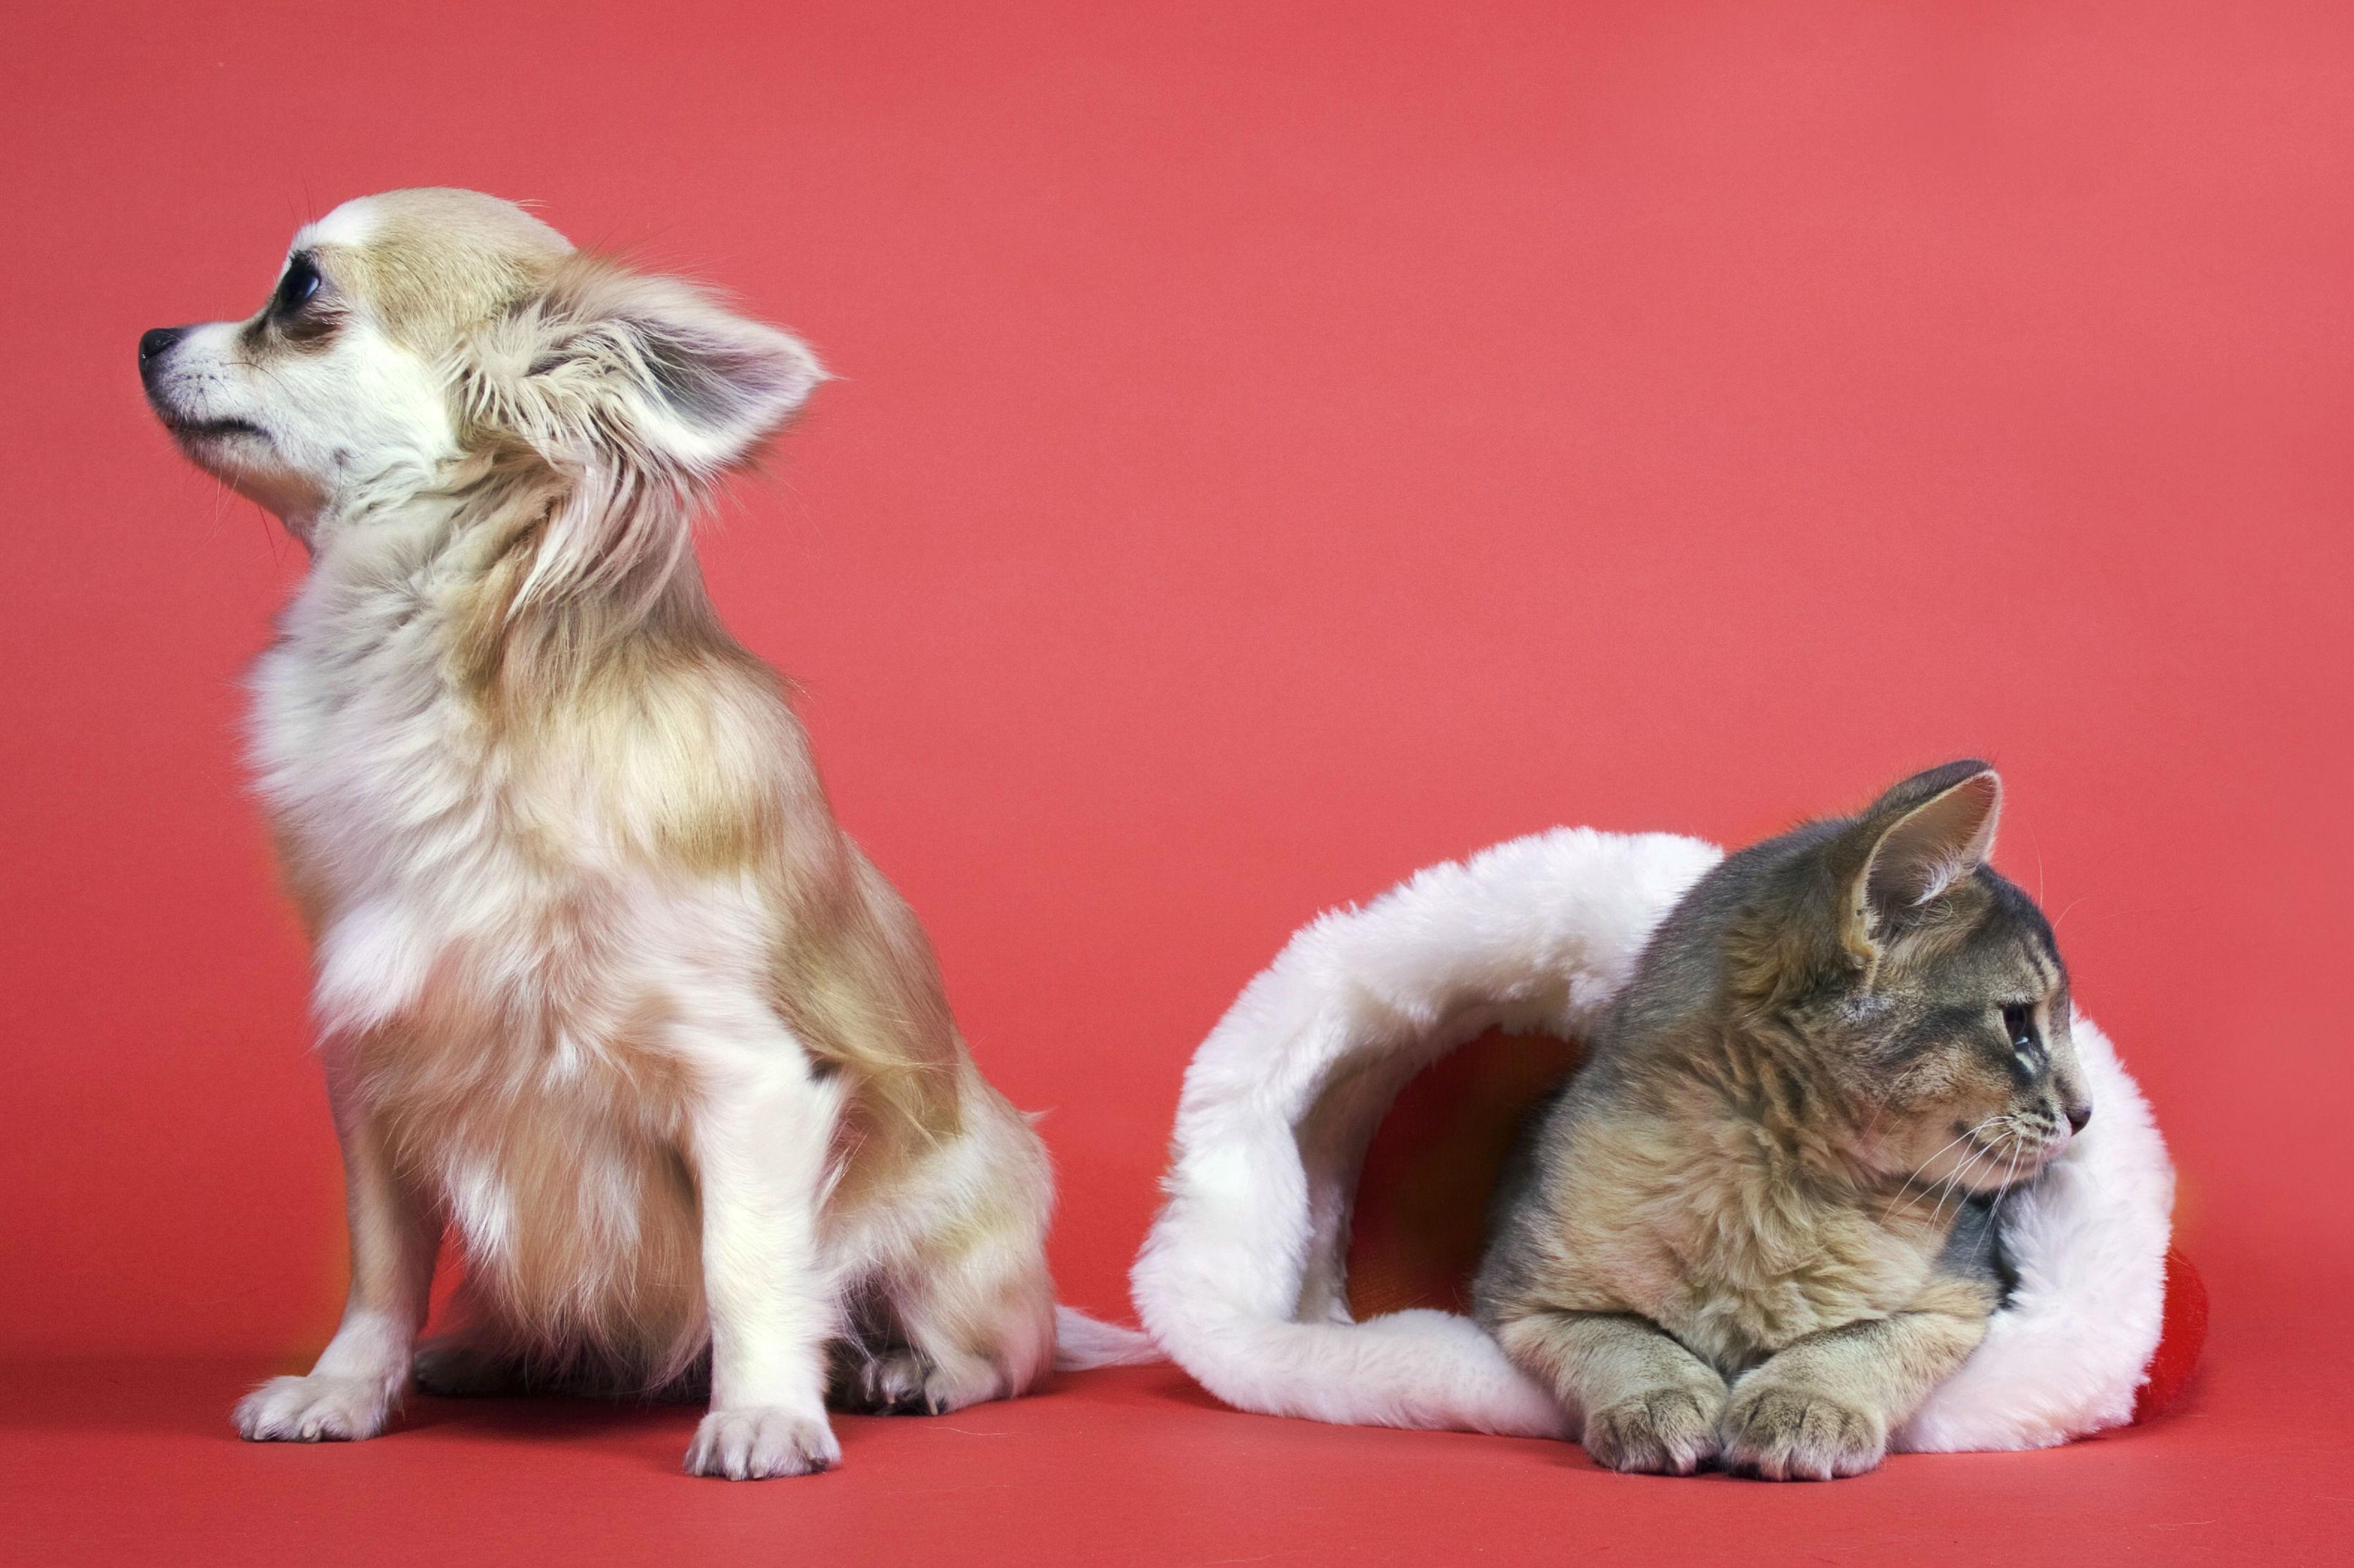 Считается, что выбор домашнего животного во многом отражает характер человека.